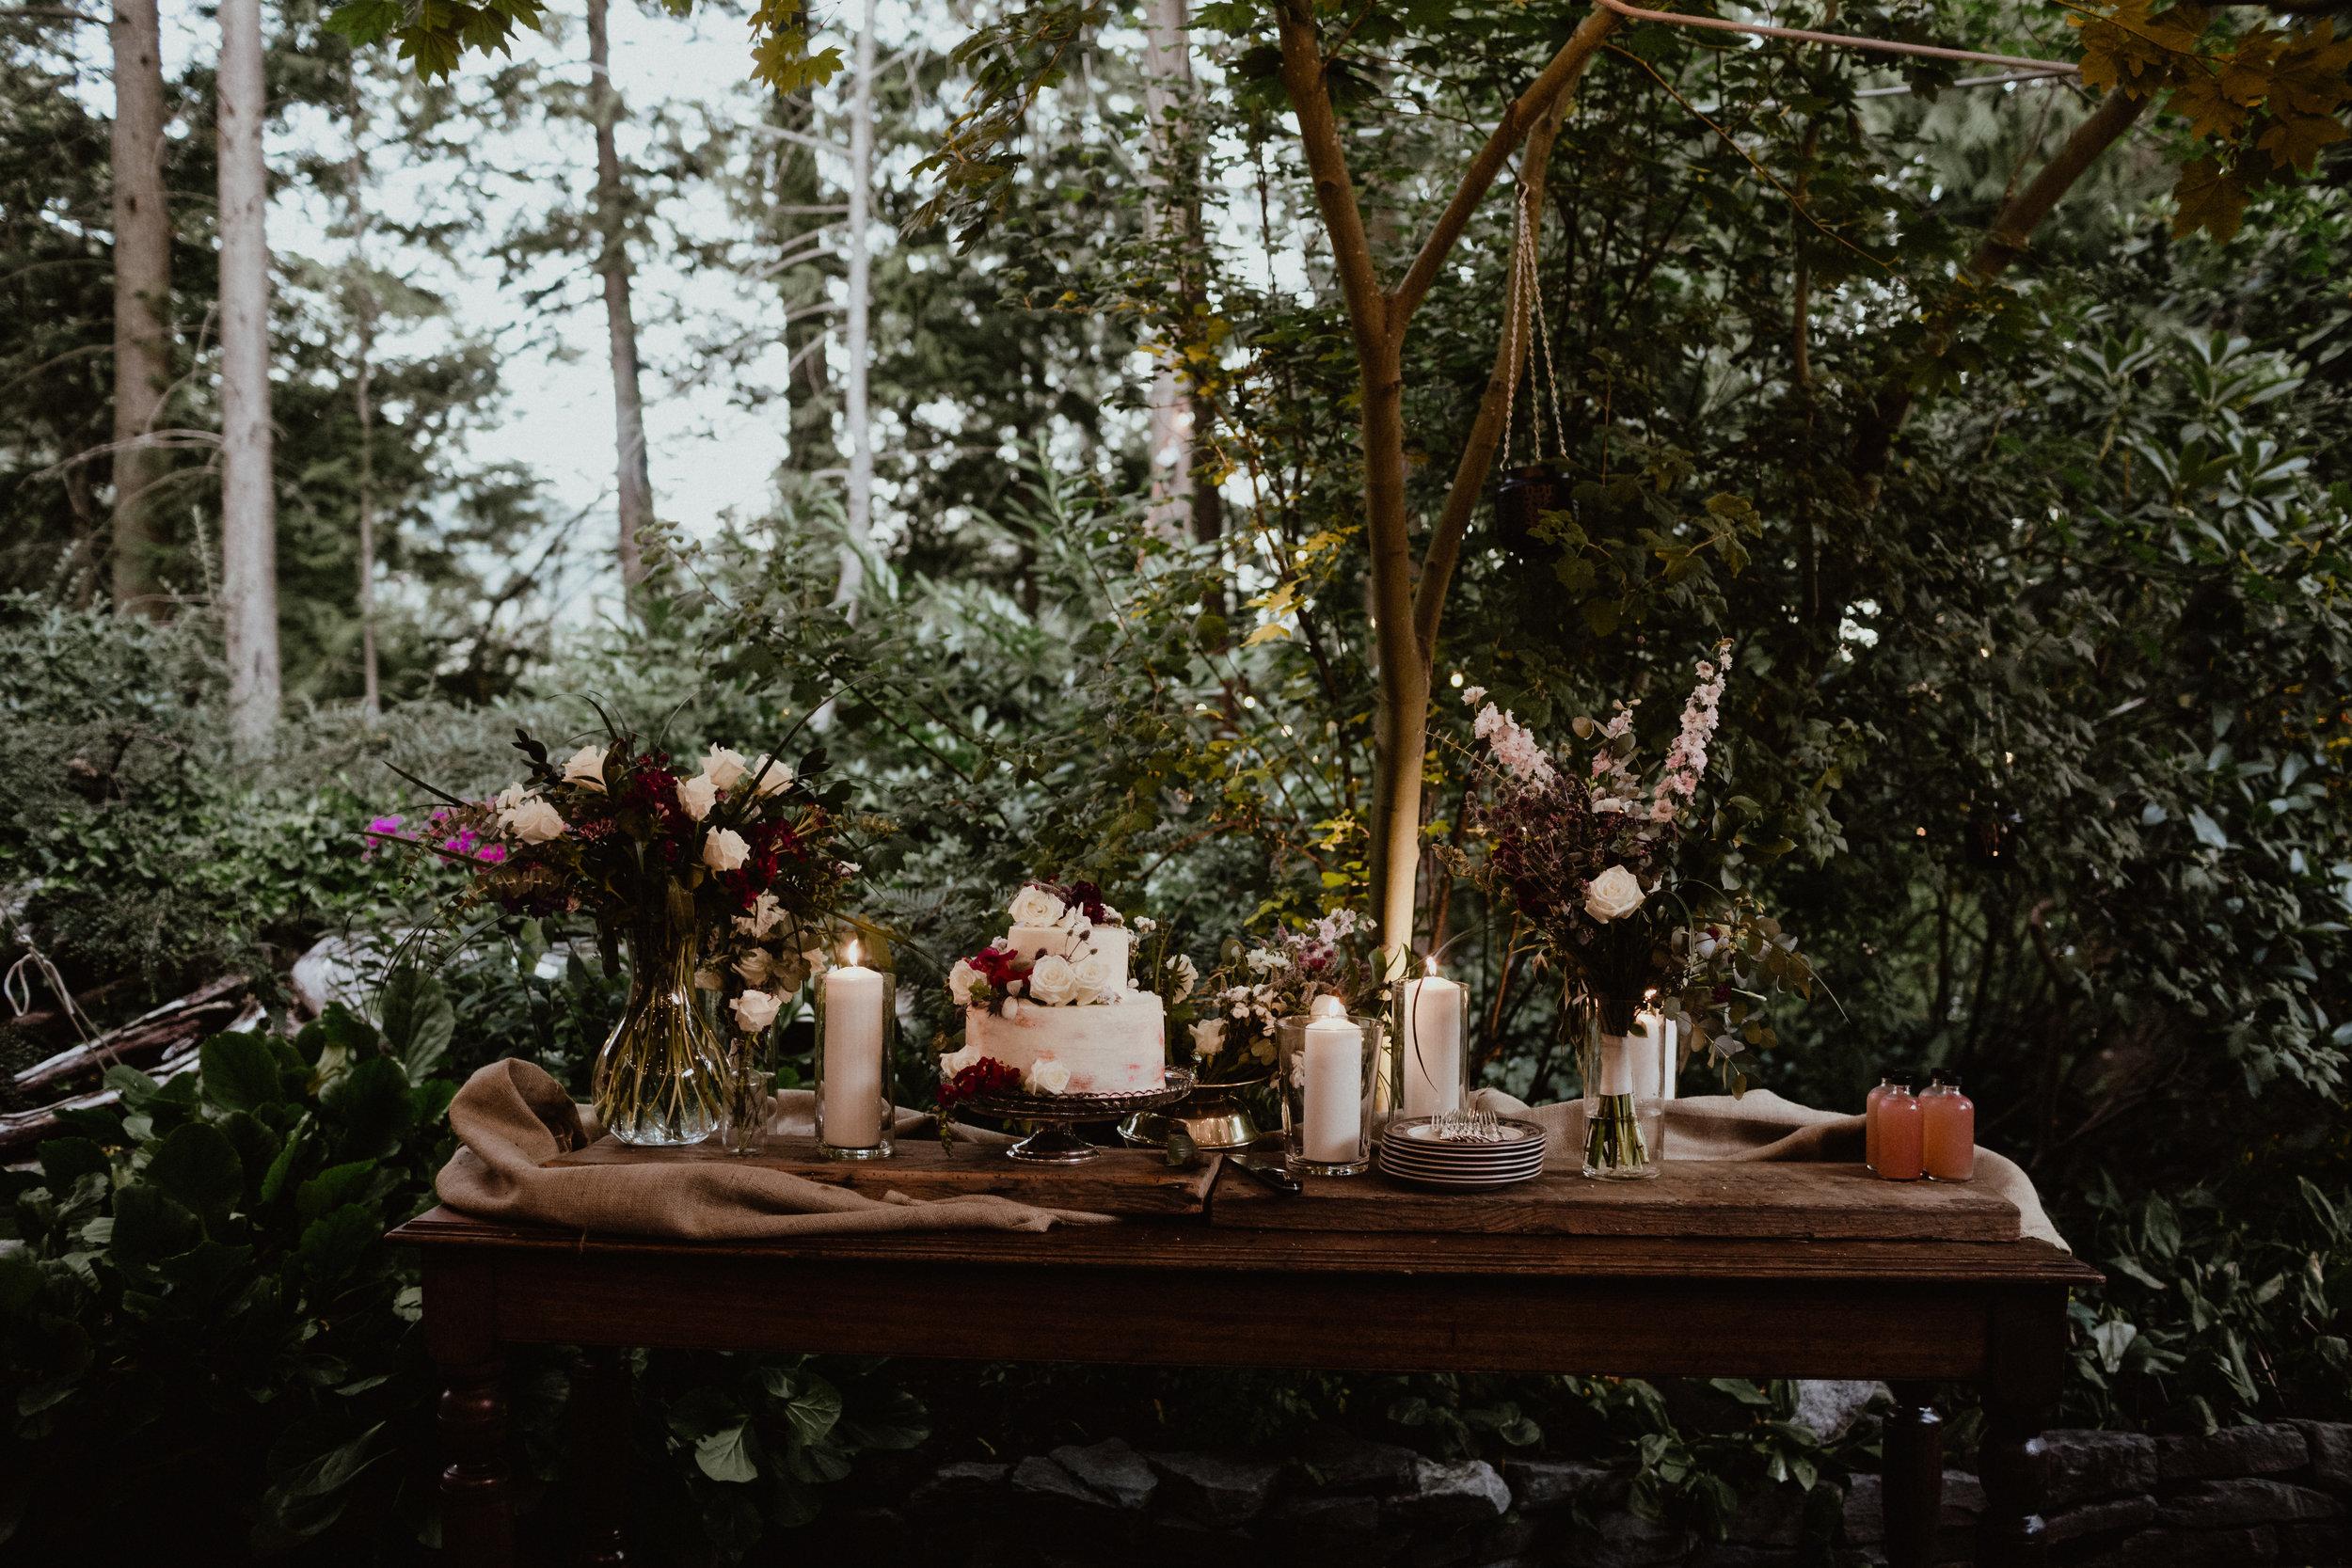 west-vancouver-backyard-wedding-264.jpg